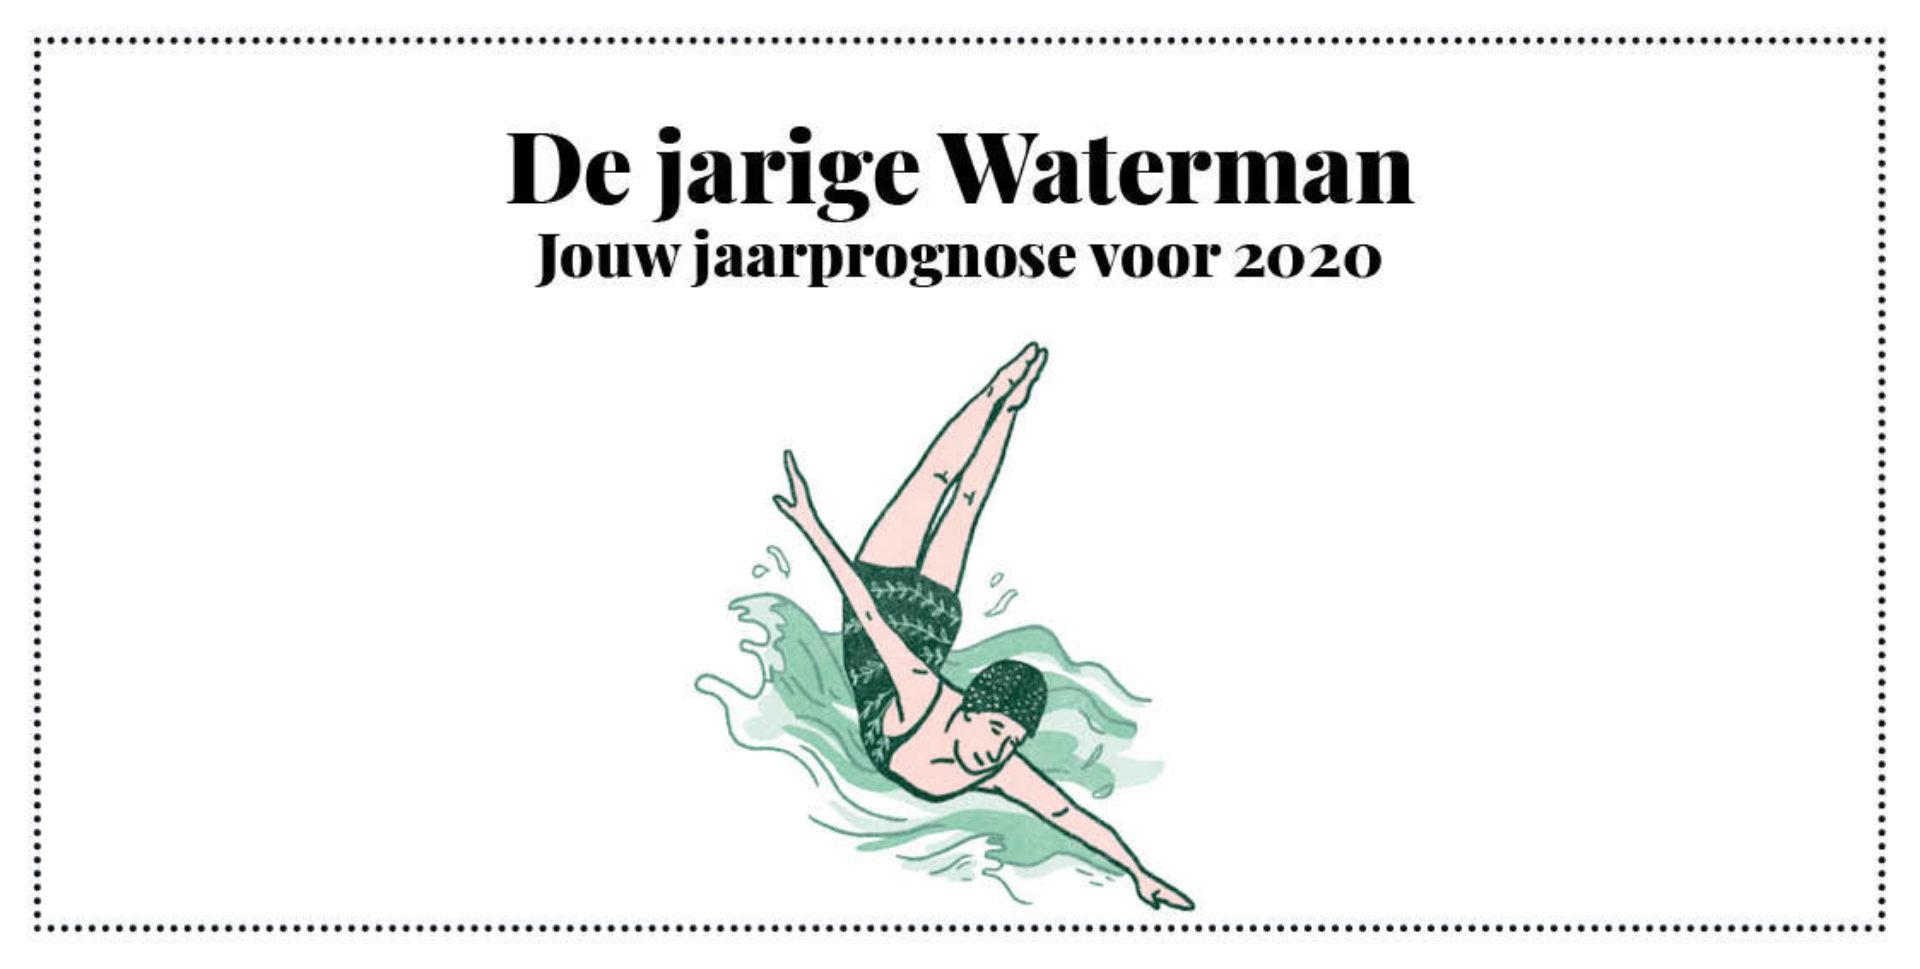 Waterman, jouw jaarhoroscoop 2020